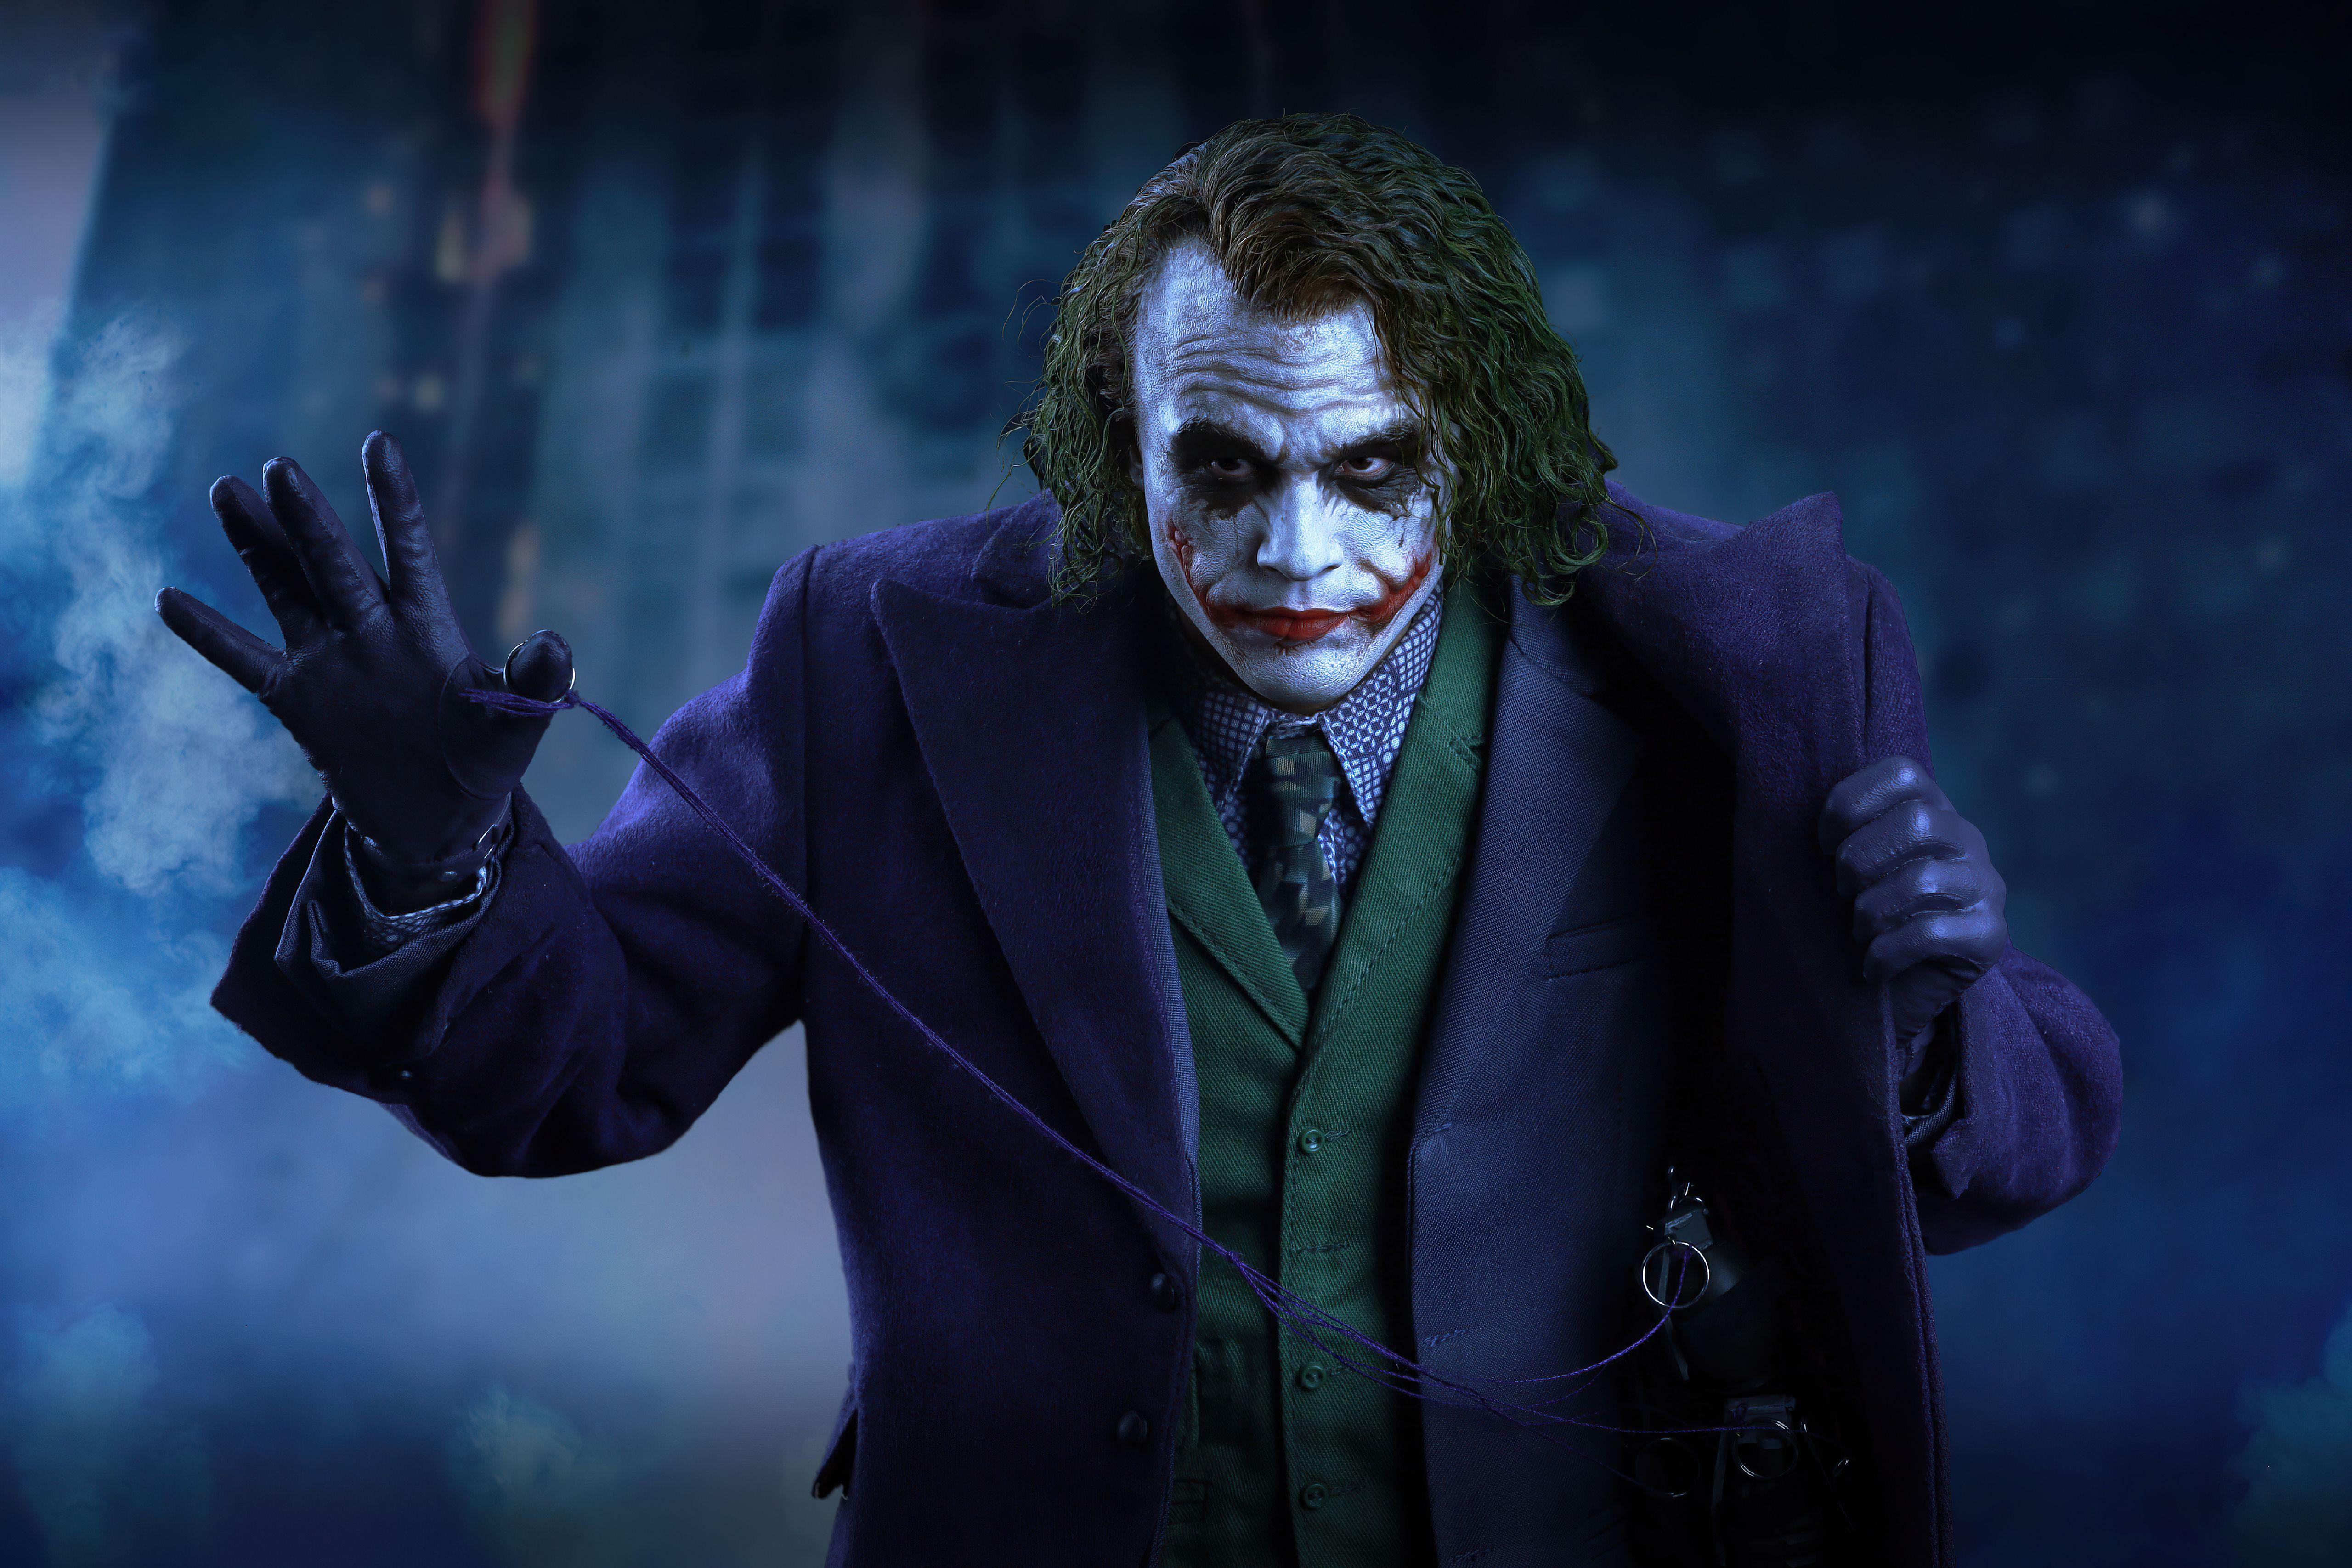 Heath Ledger Joker 4k Heath Ledger Joker 4k Wallpapers In 2021 Joker 4k Wallpaper Heath Ledger Joker 4k Wallpapers 4k ultra hd joker wallpaper 2021